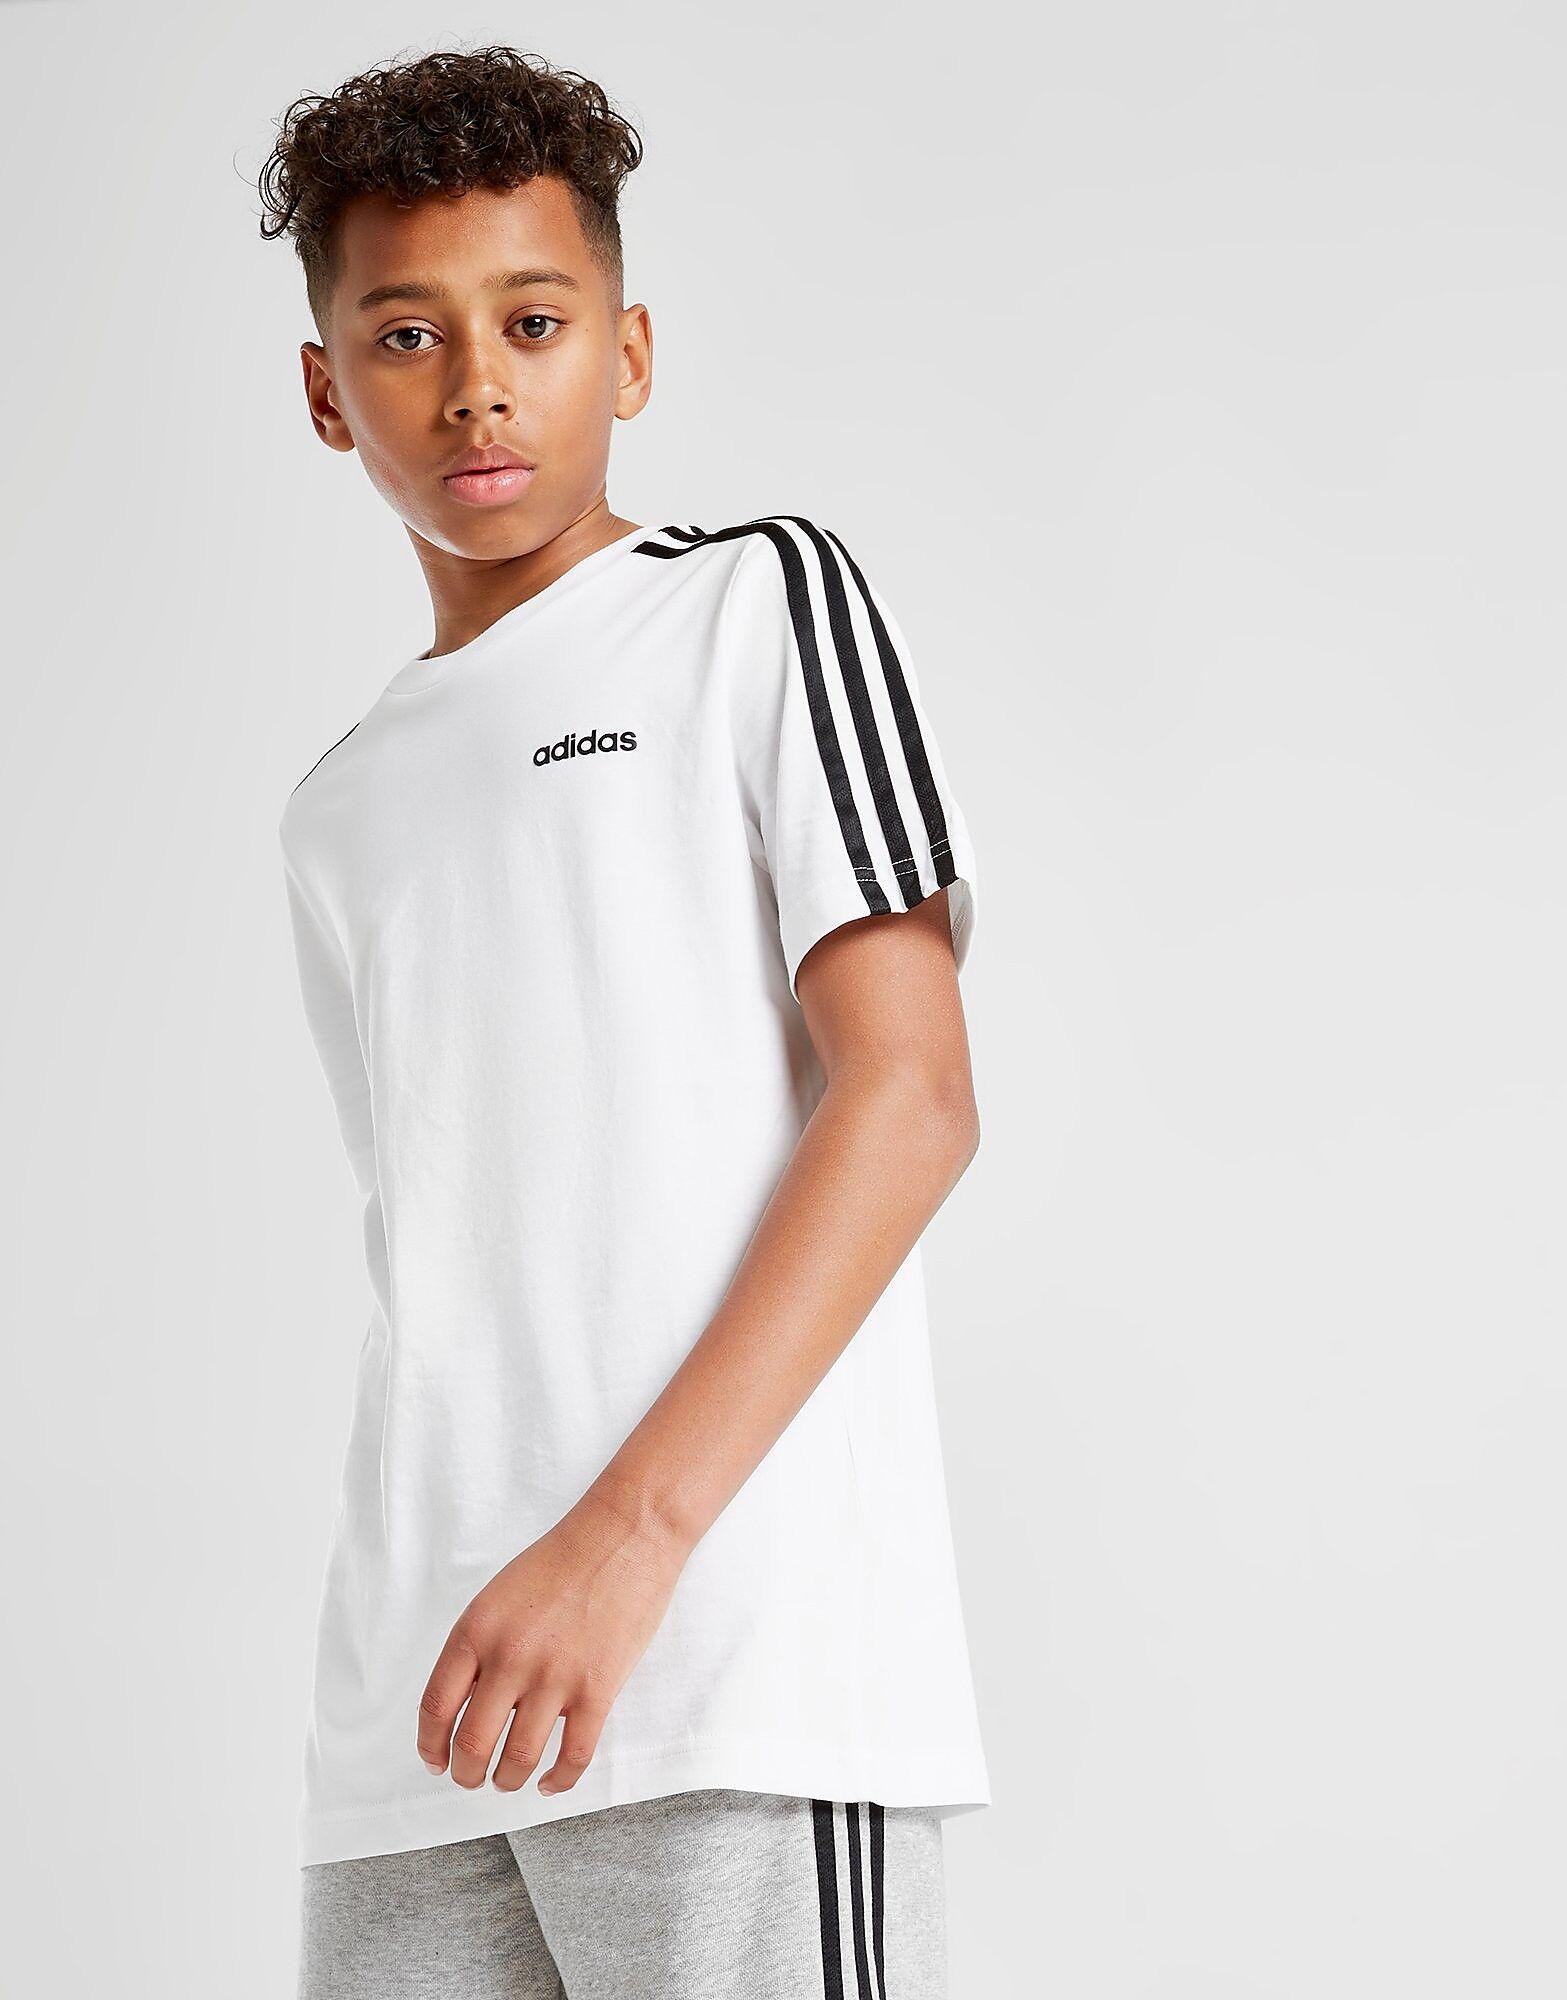 Image of Adidas 3-Stripes T-Paita Juniorit - Kids, Valkoinen